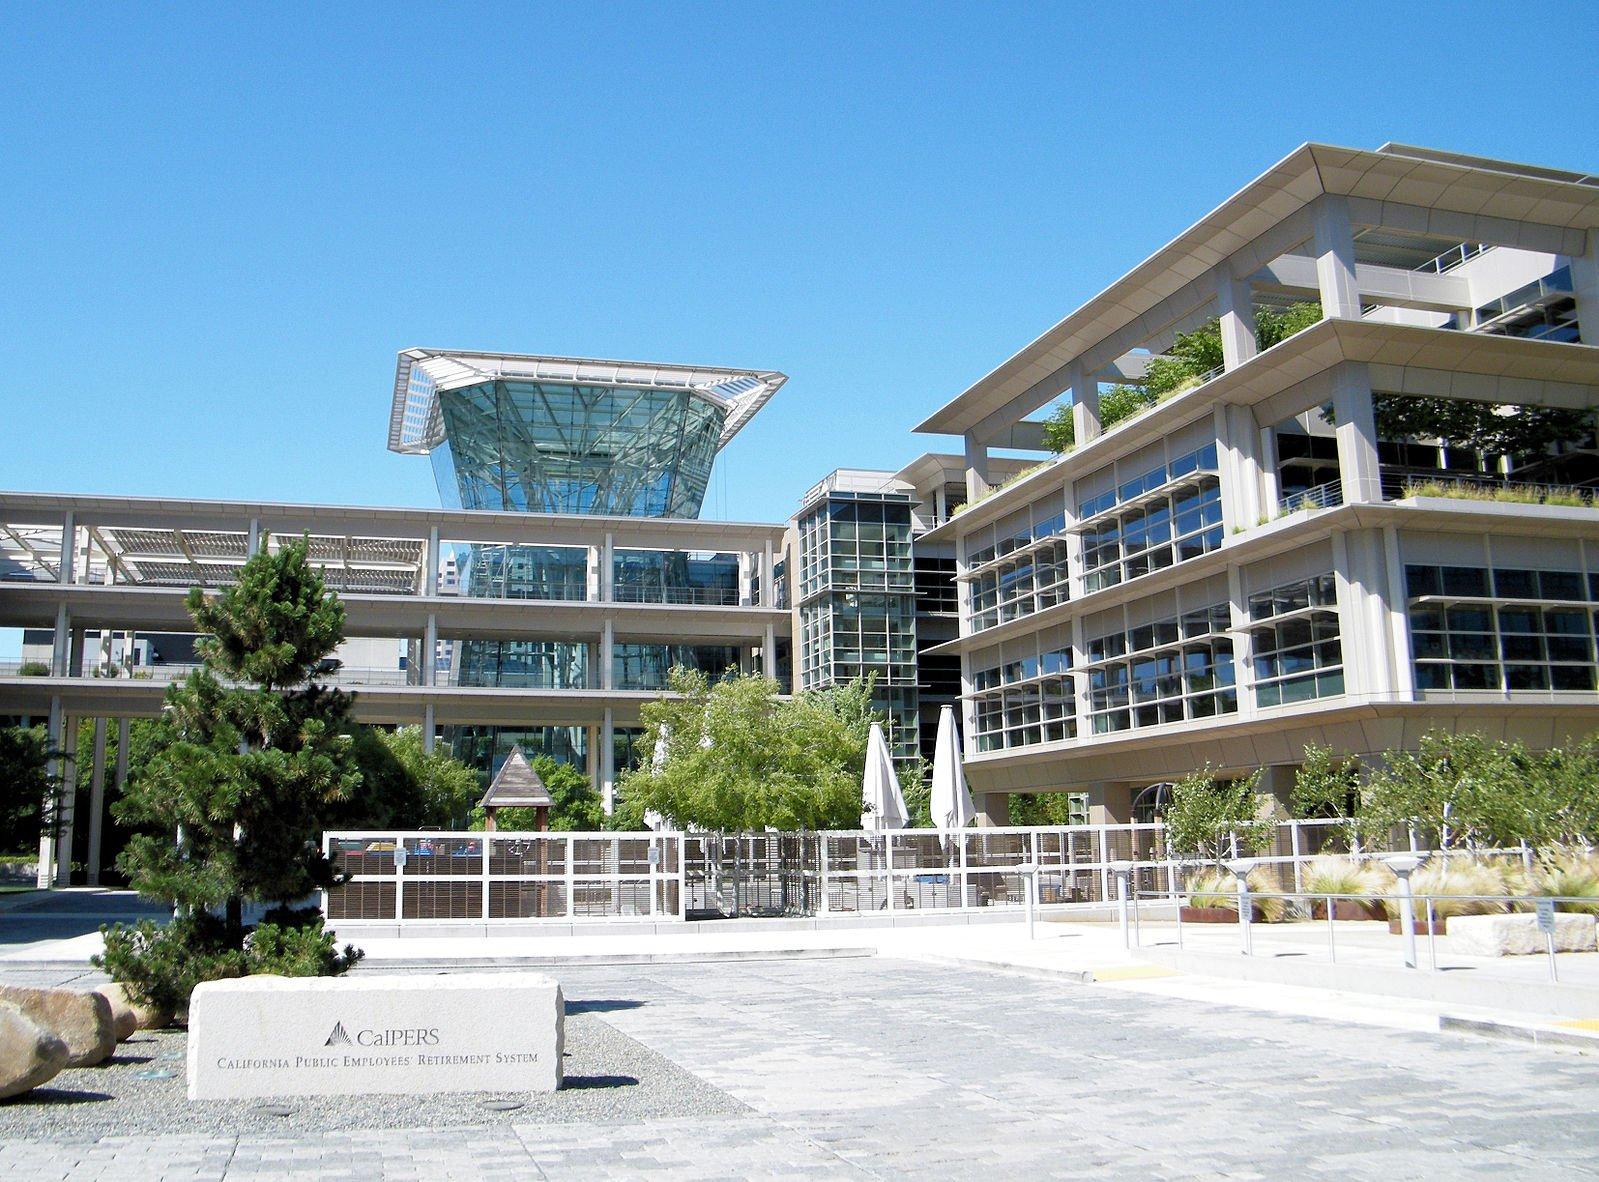 美國退休基金被指幫助中共增置軍事設備,引發關注。圖為美國第一大公務員退休基金「加州公務員退休基金」(CalPERS)。(Wikimedia commons)